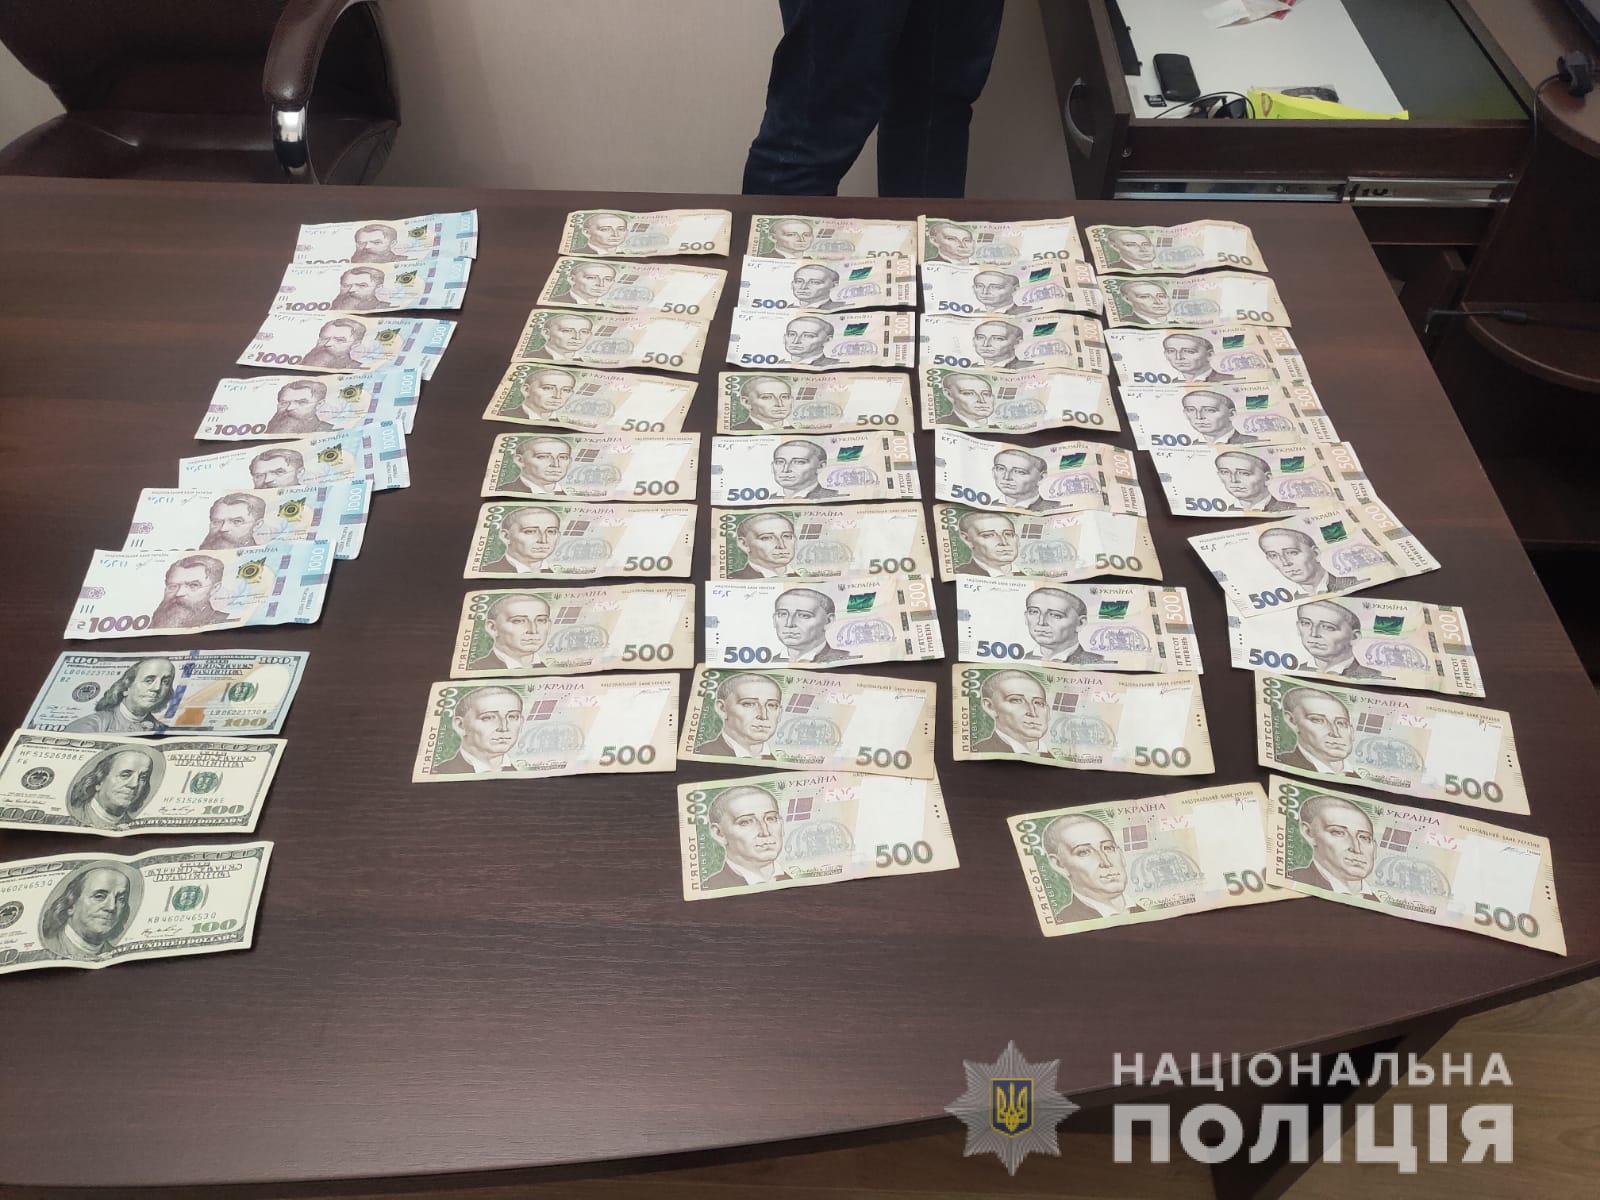 Поліція викрила злочинців, які насильно втягували жінок у проституцію – ФОТО